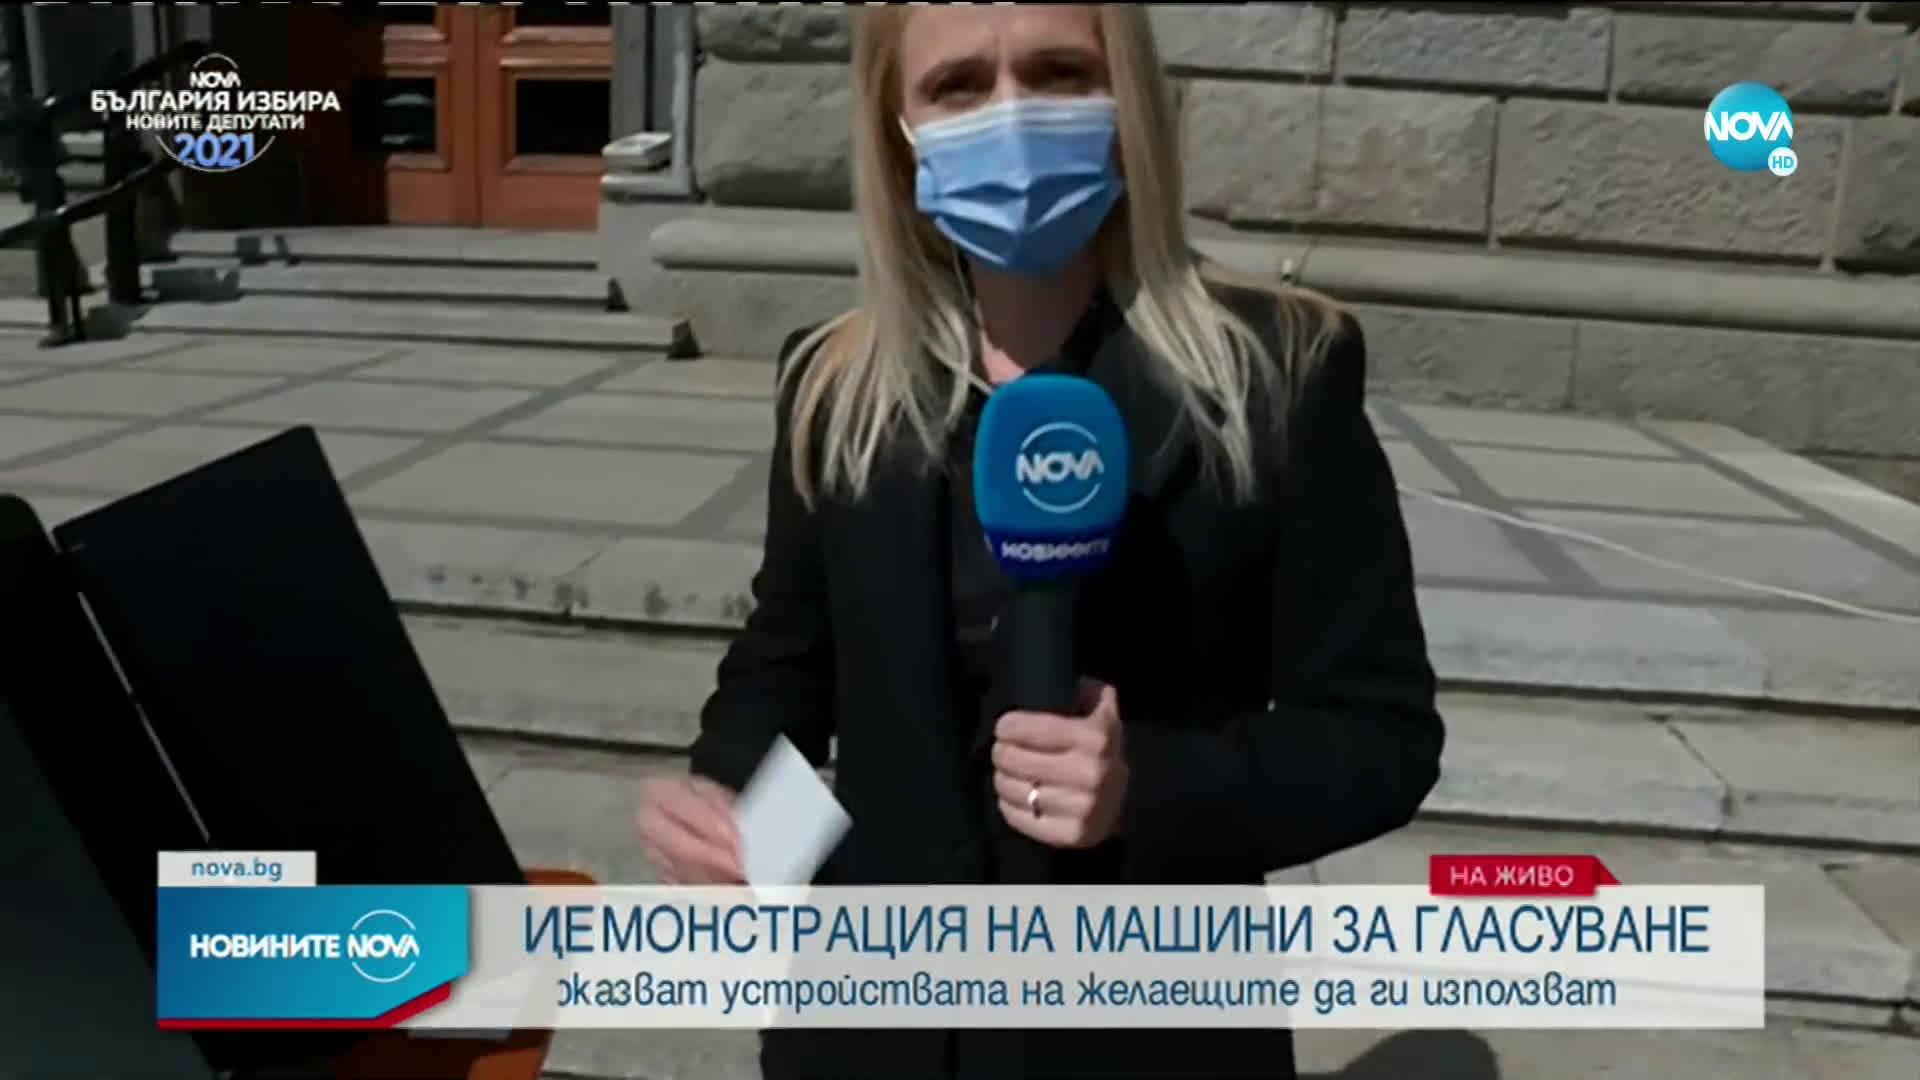 Показват машините за вота пред сградата на Народното събрание